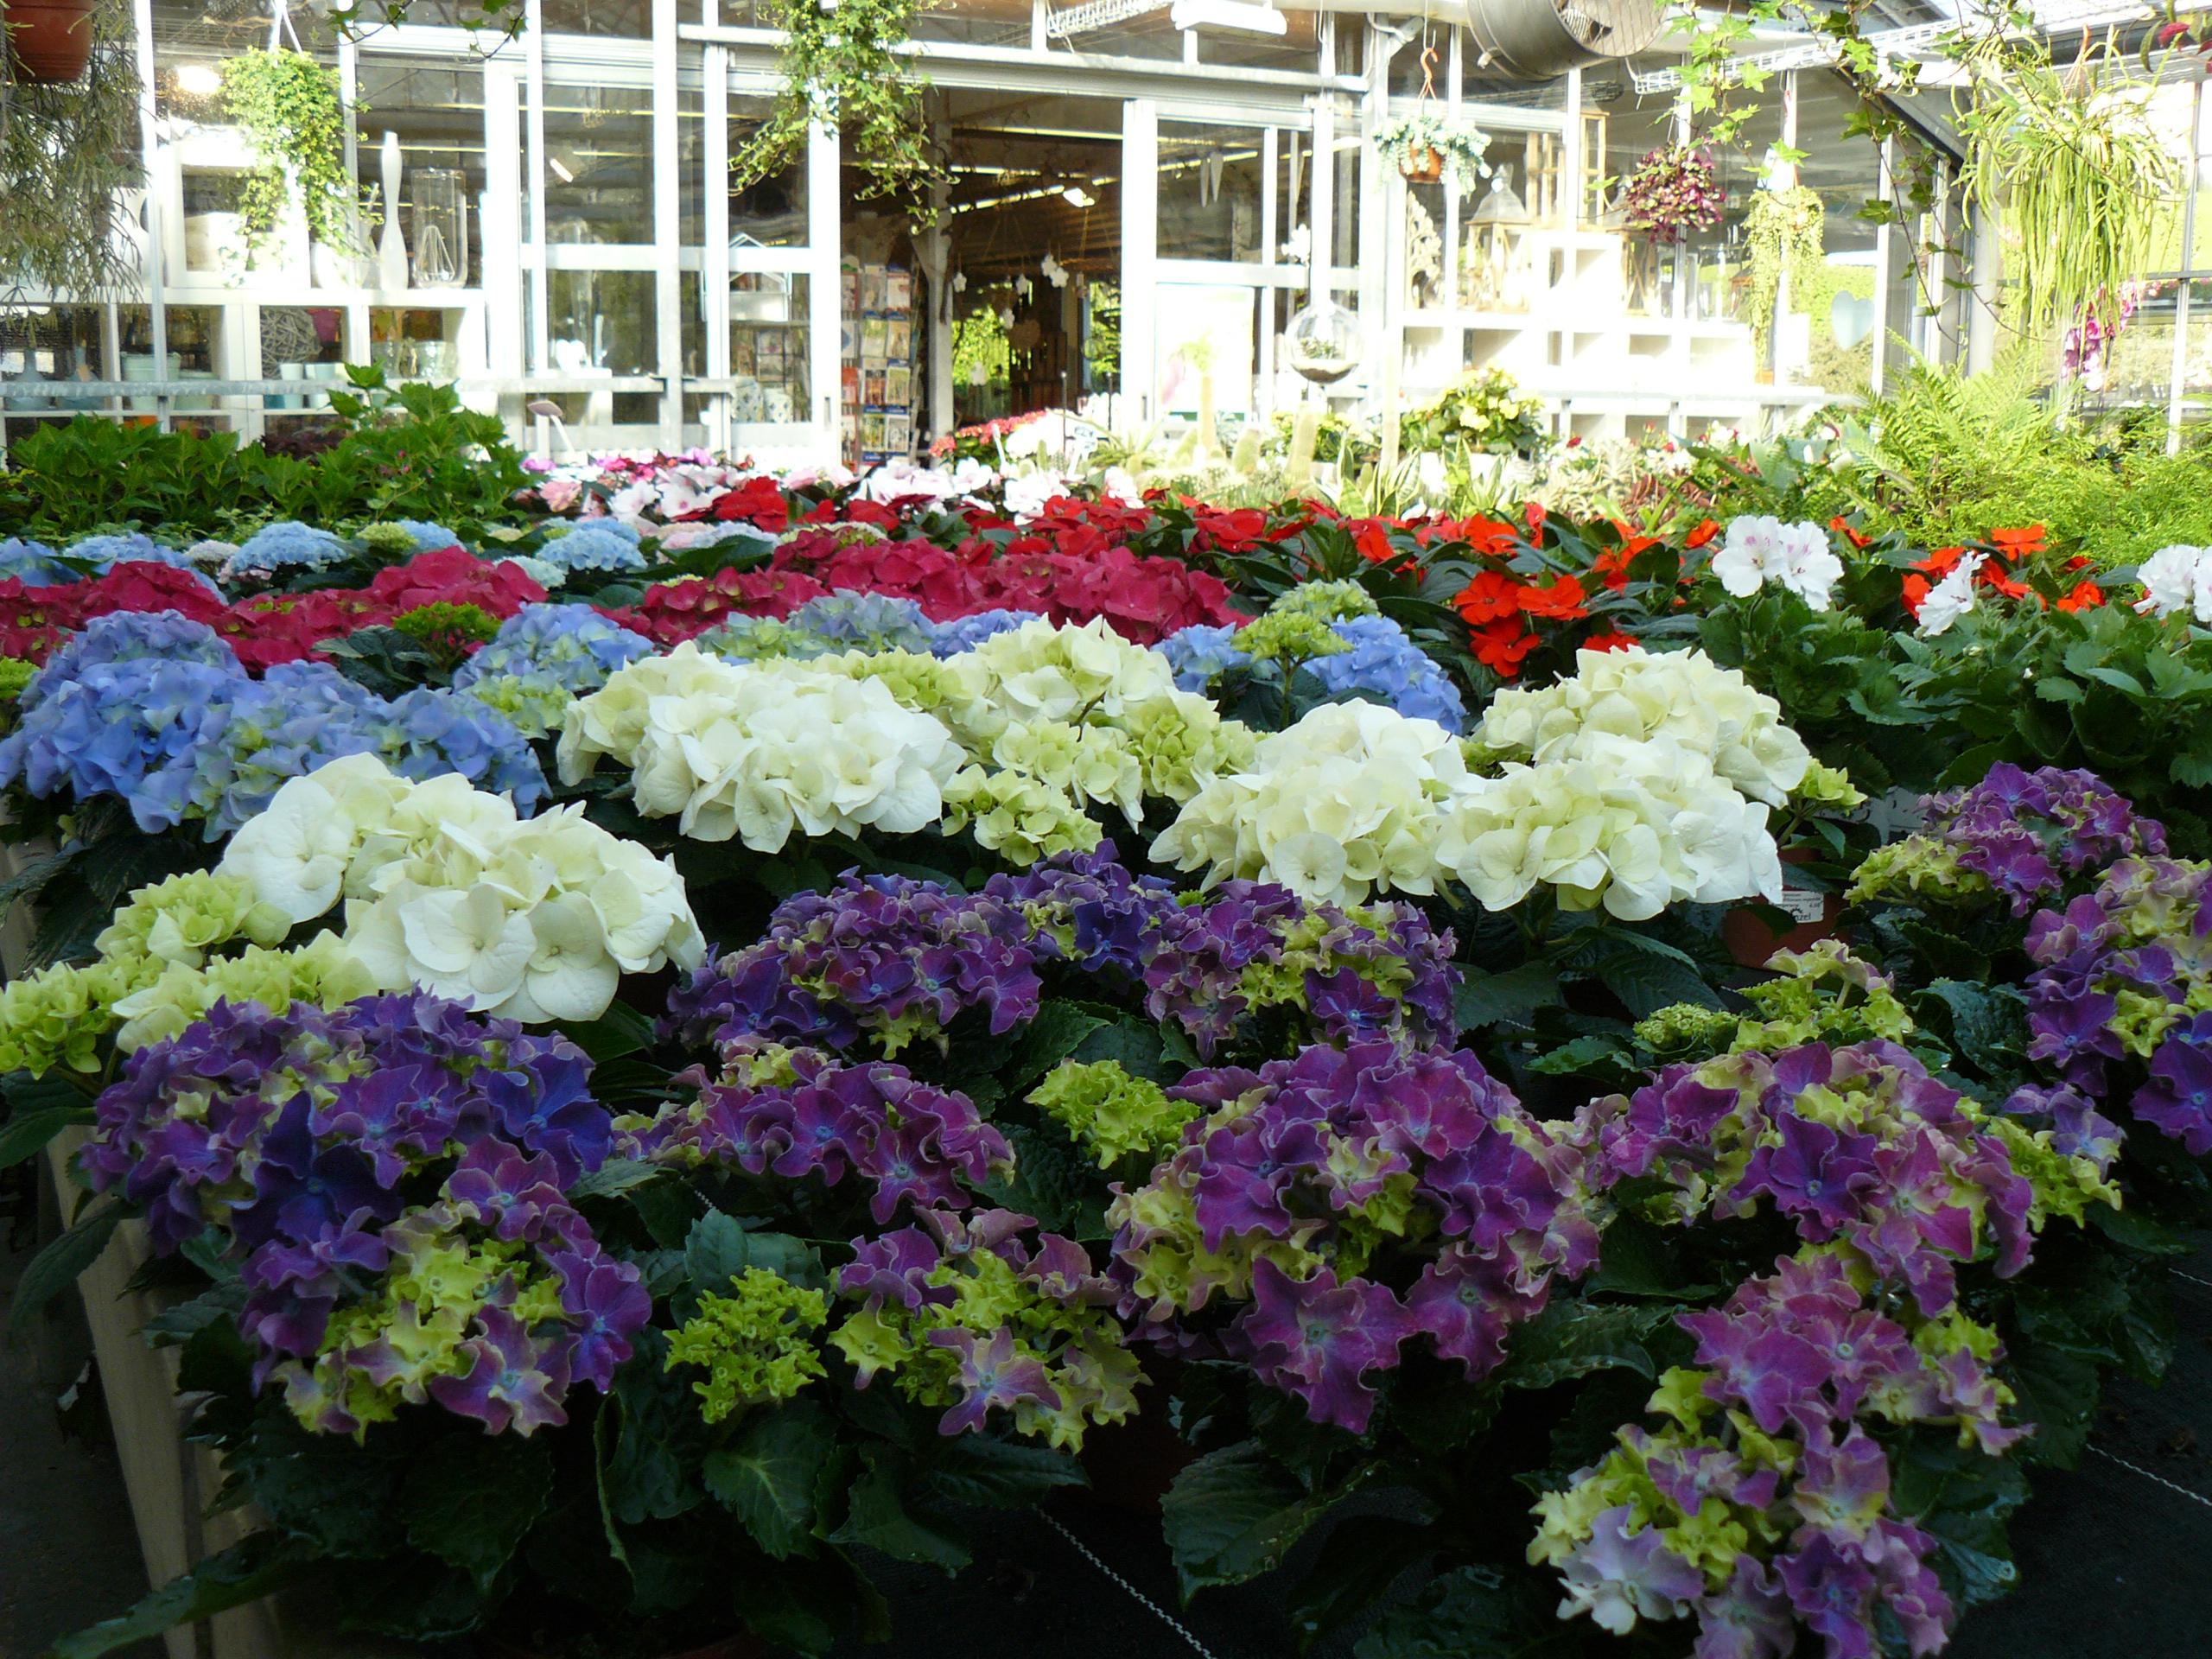 Blumen von Frenzel Gärtnerei & Blumenhaus, wir liefern noch heute zu Ihnen. Fleurop Angebote